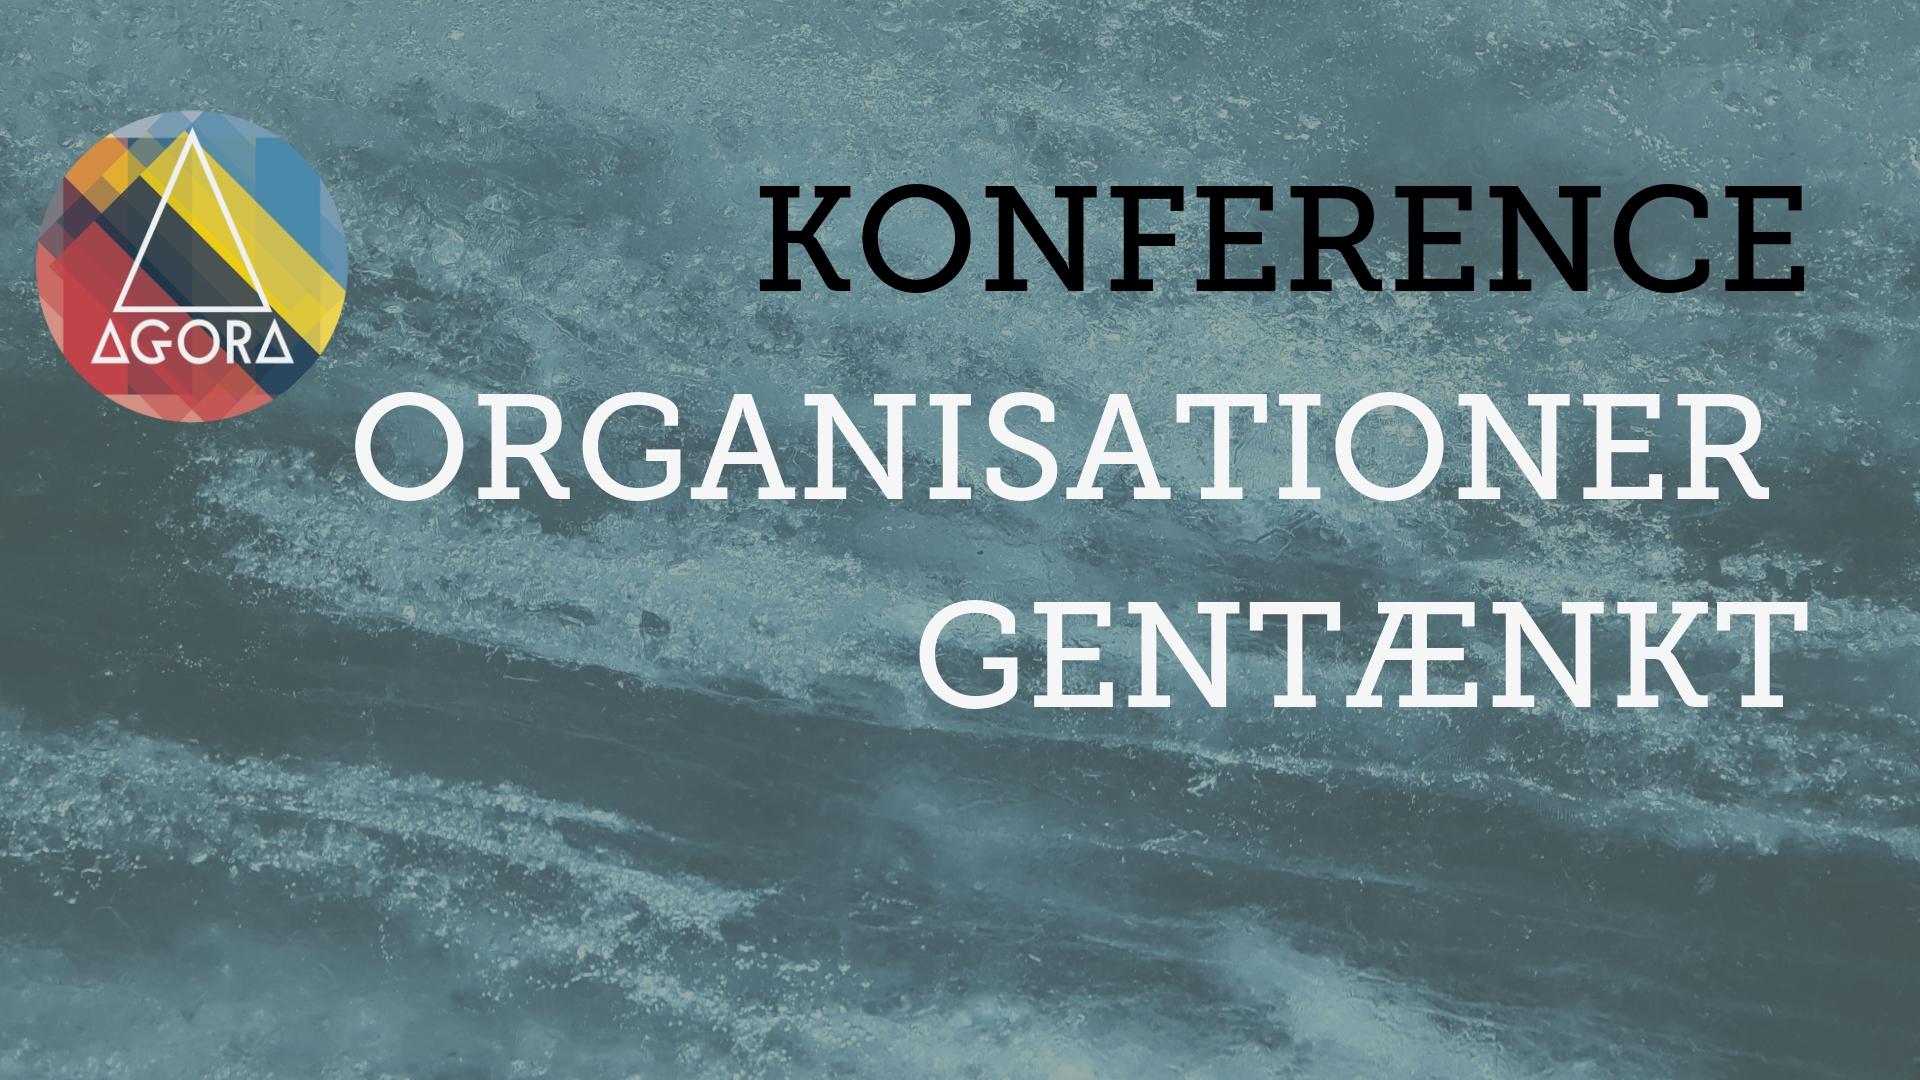 Konference organisationer gentænkt